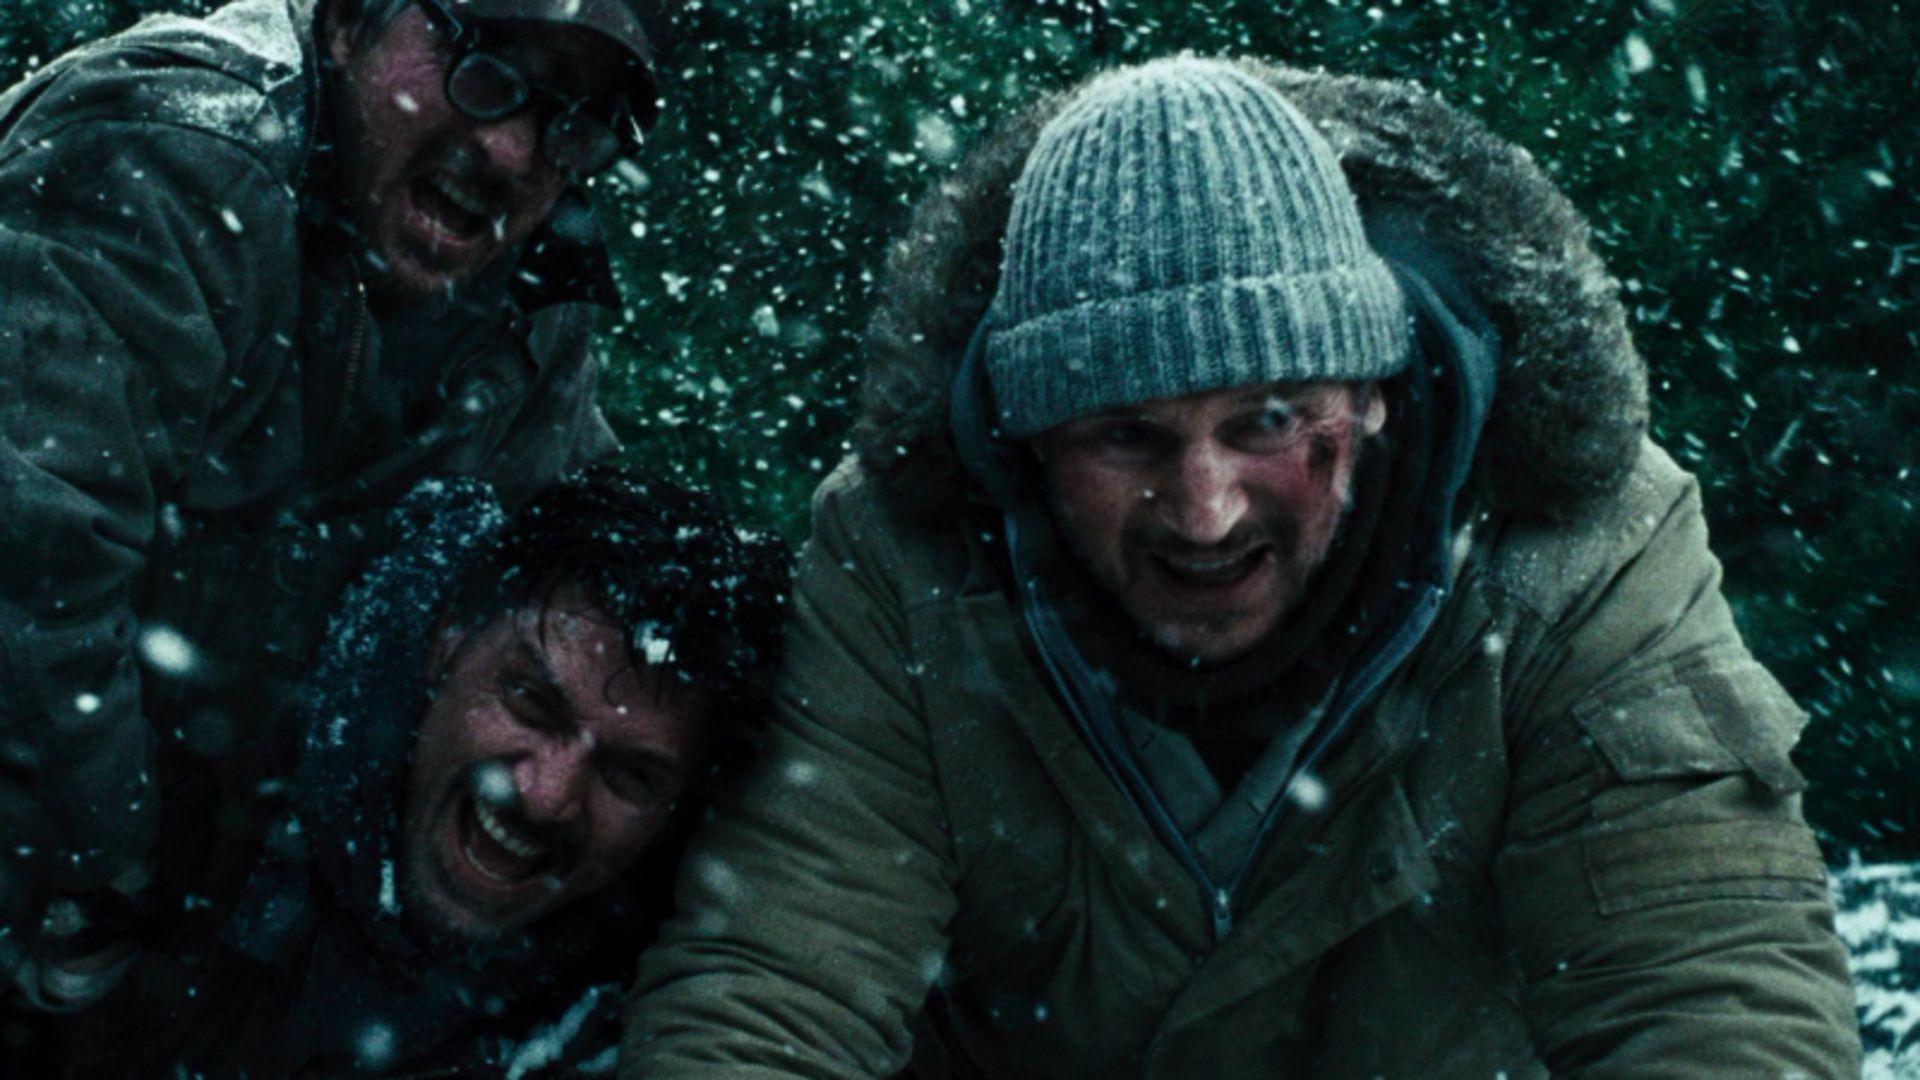 Avontuurlijke thriller 'The Grey' met Liam Neeson vanavond op RTL7